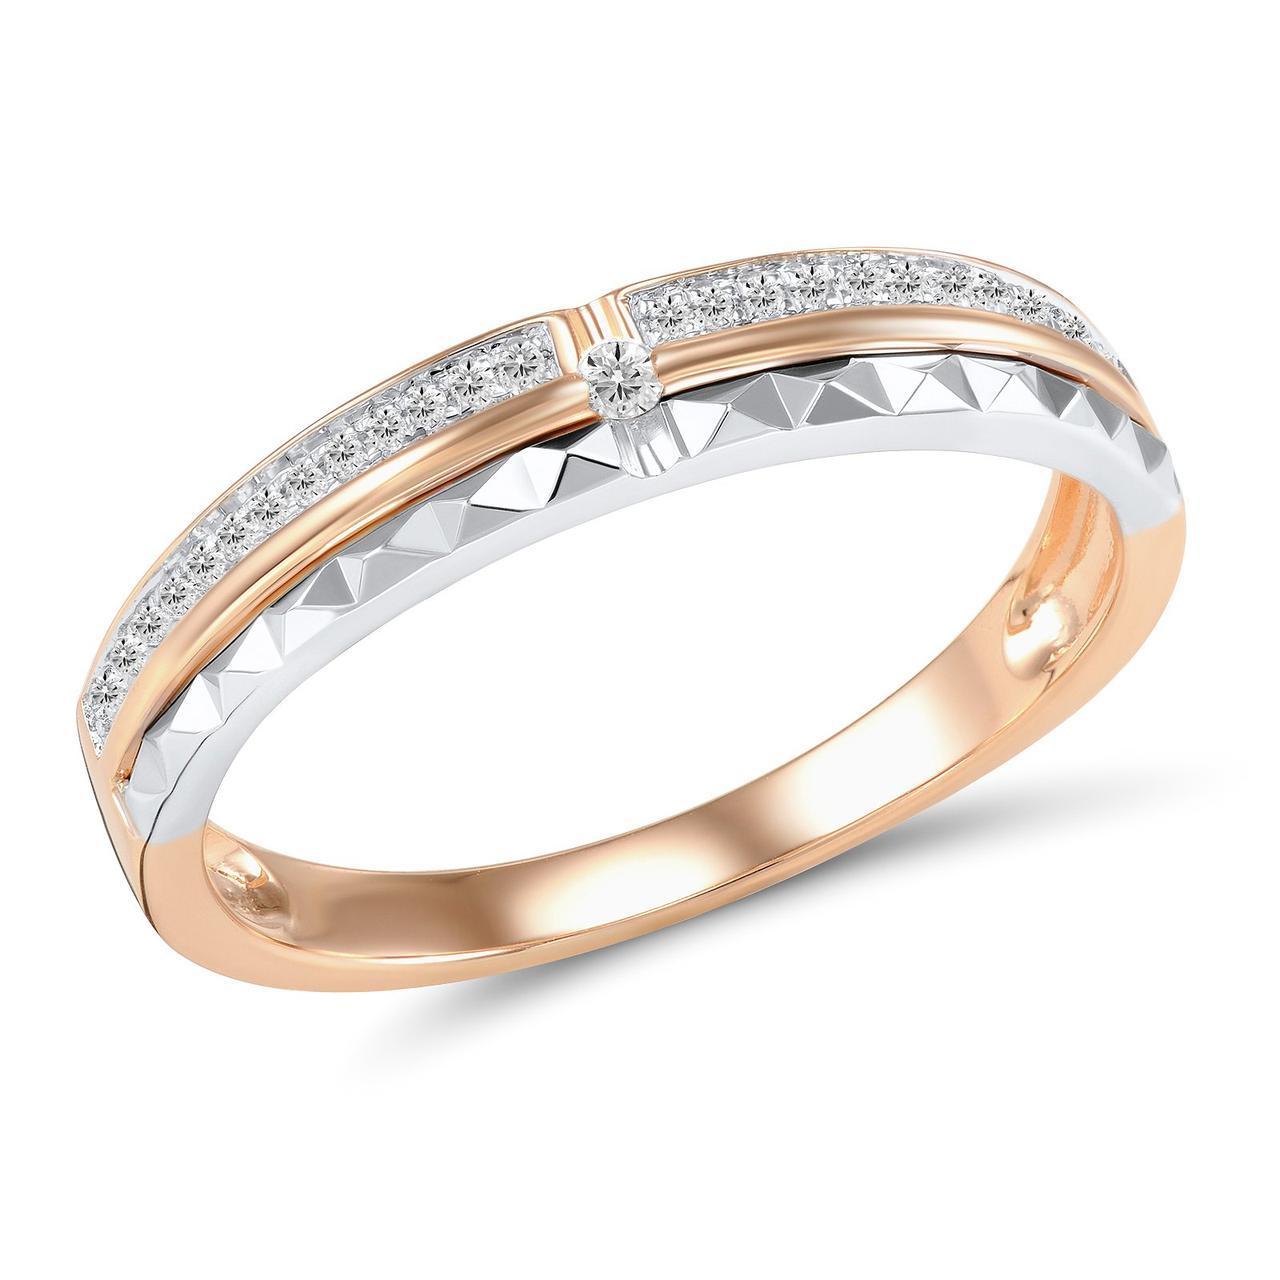 Золотое кольцо с бриллиантами, размер 17 (1551231)